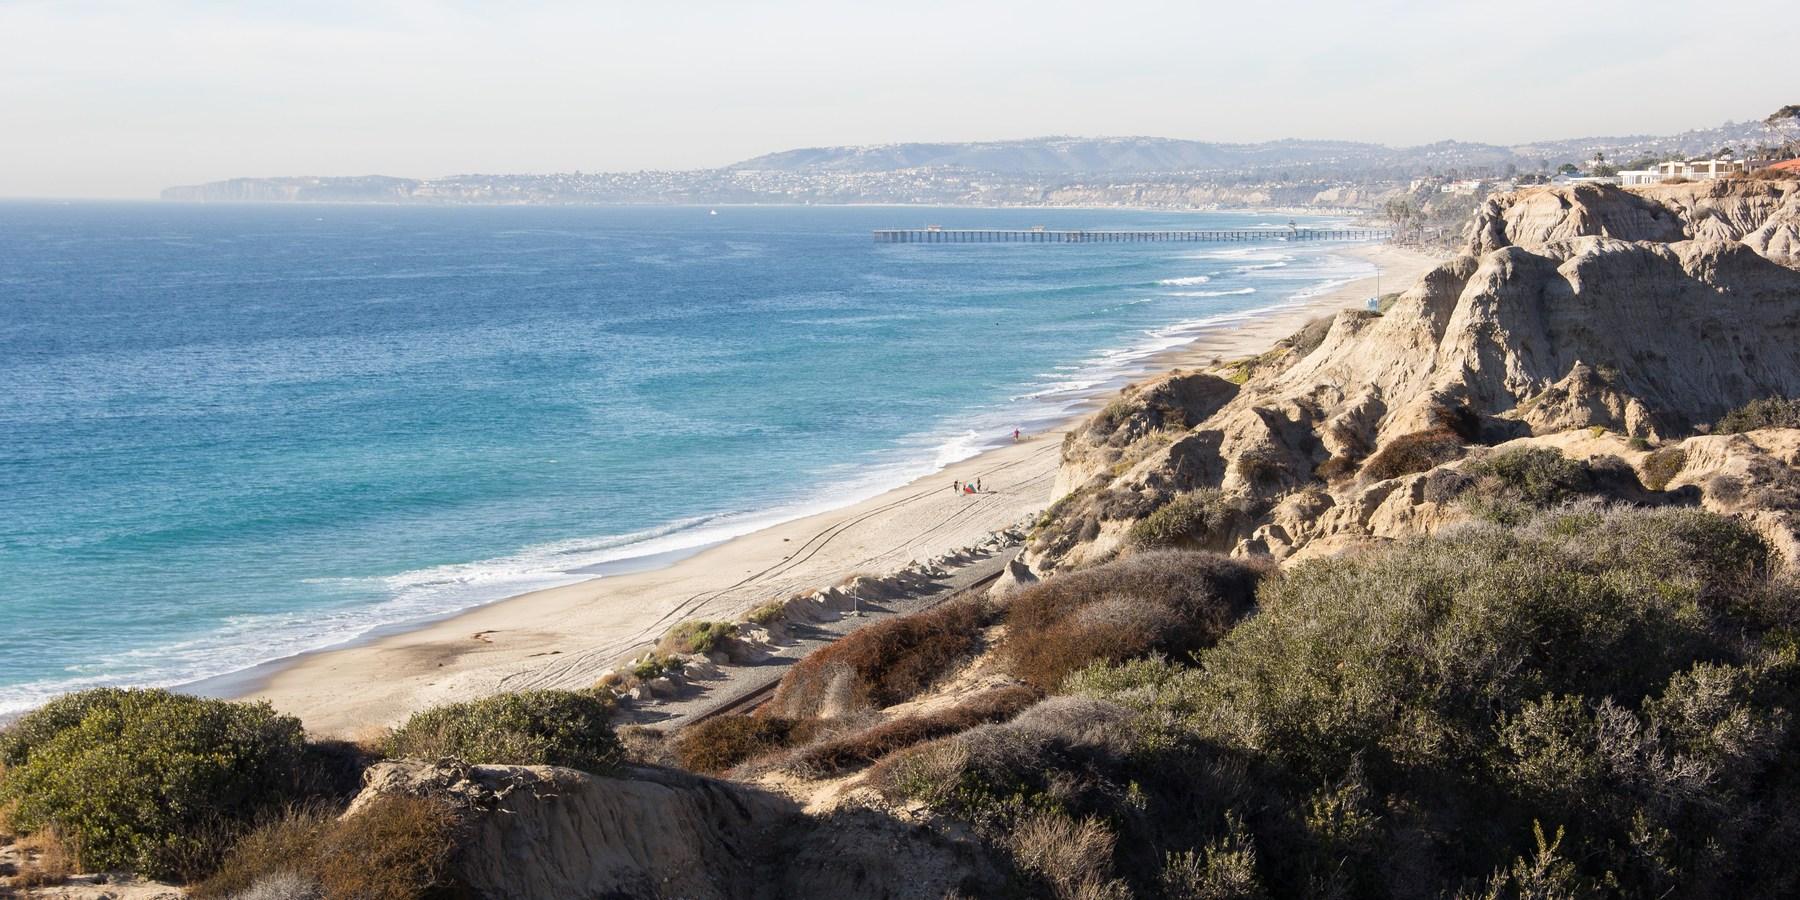 San Clemente State Beach Beaches In California